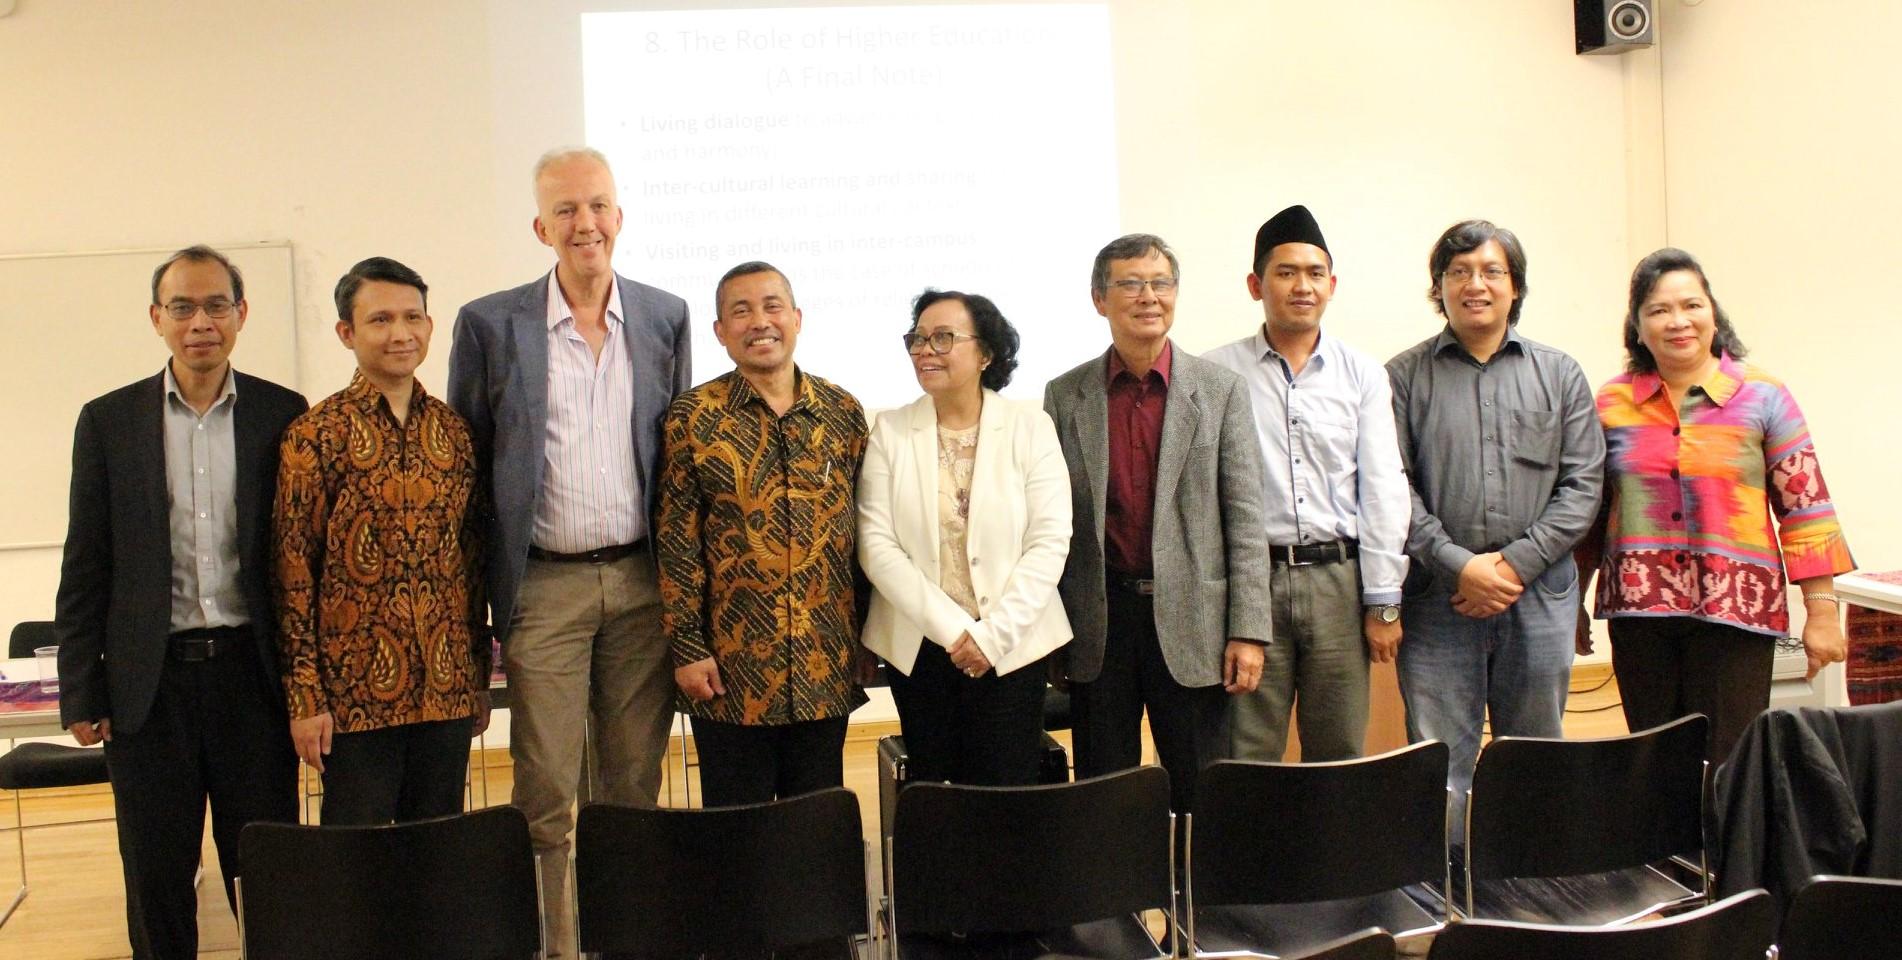 Laporan Lengkap Diskusi Panel Sabtu 30 Juli 2018 Iasi